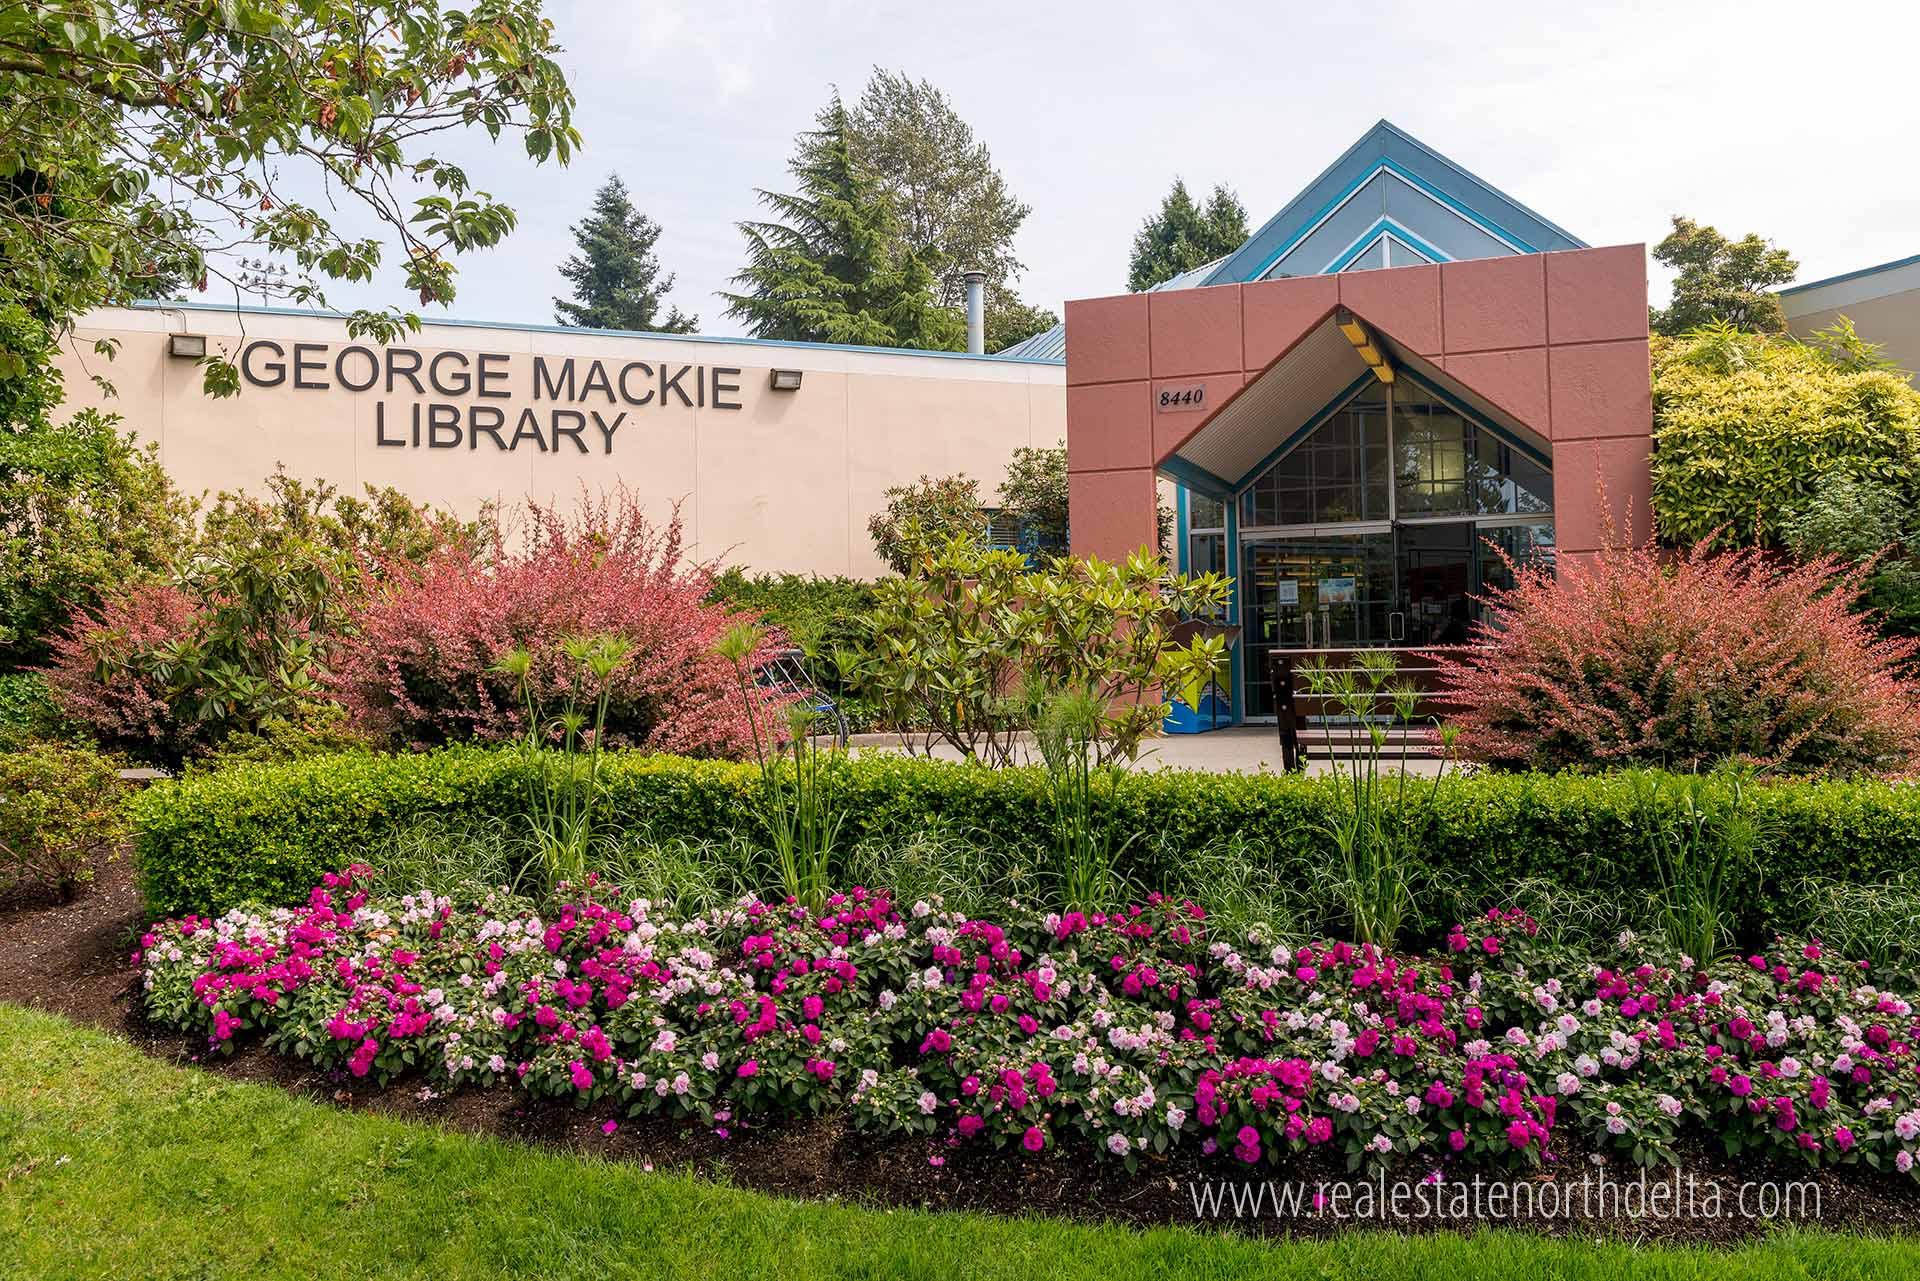 George Mackie Library